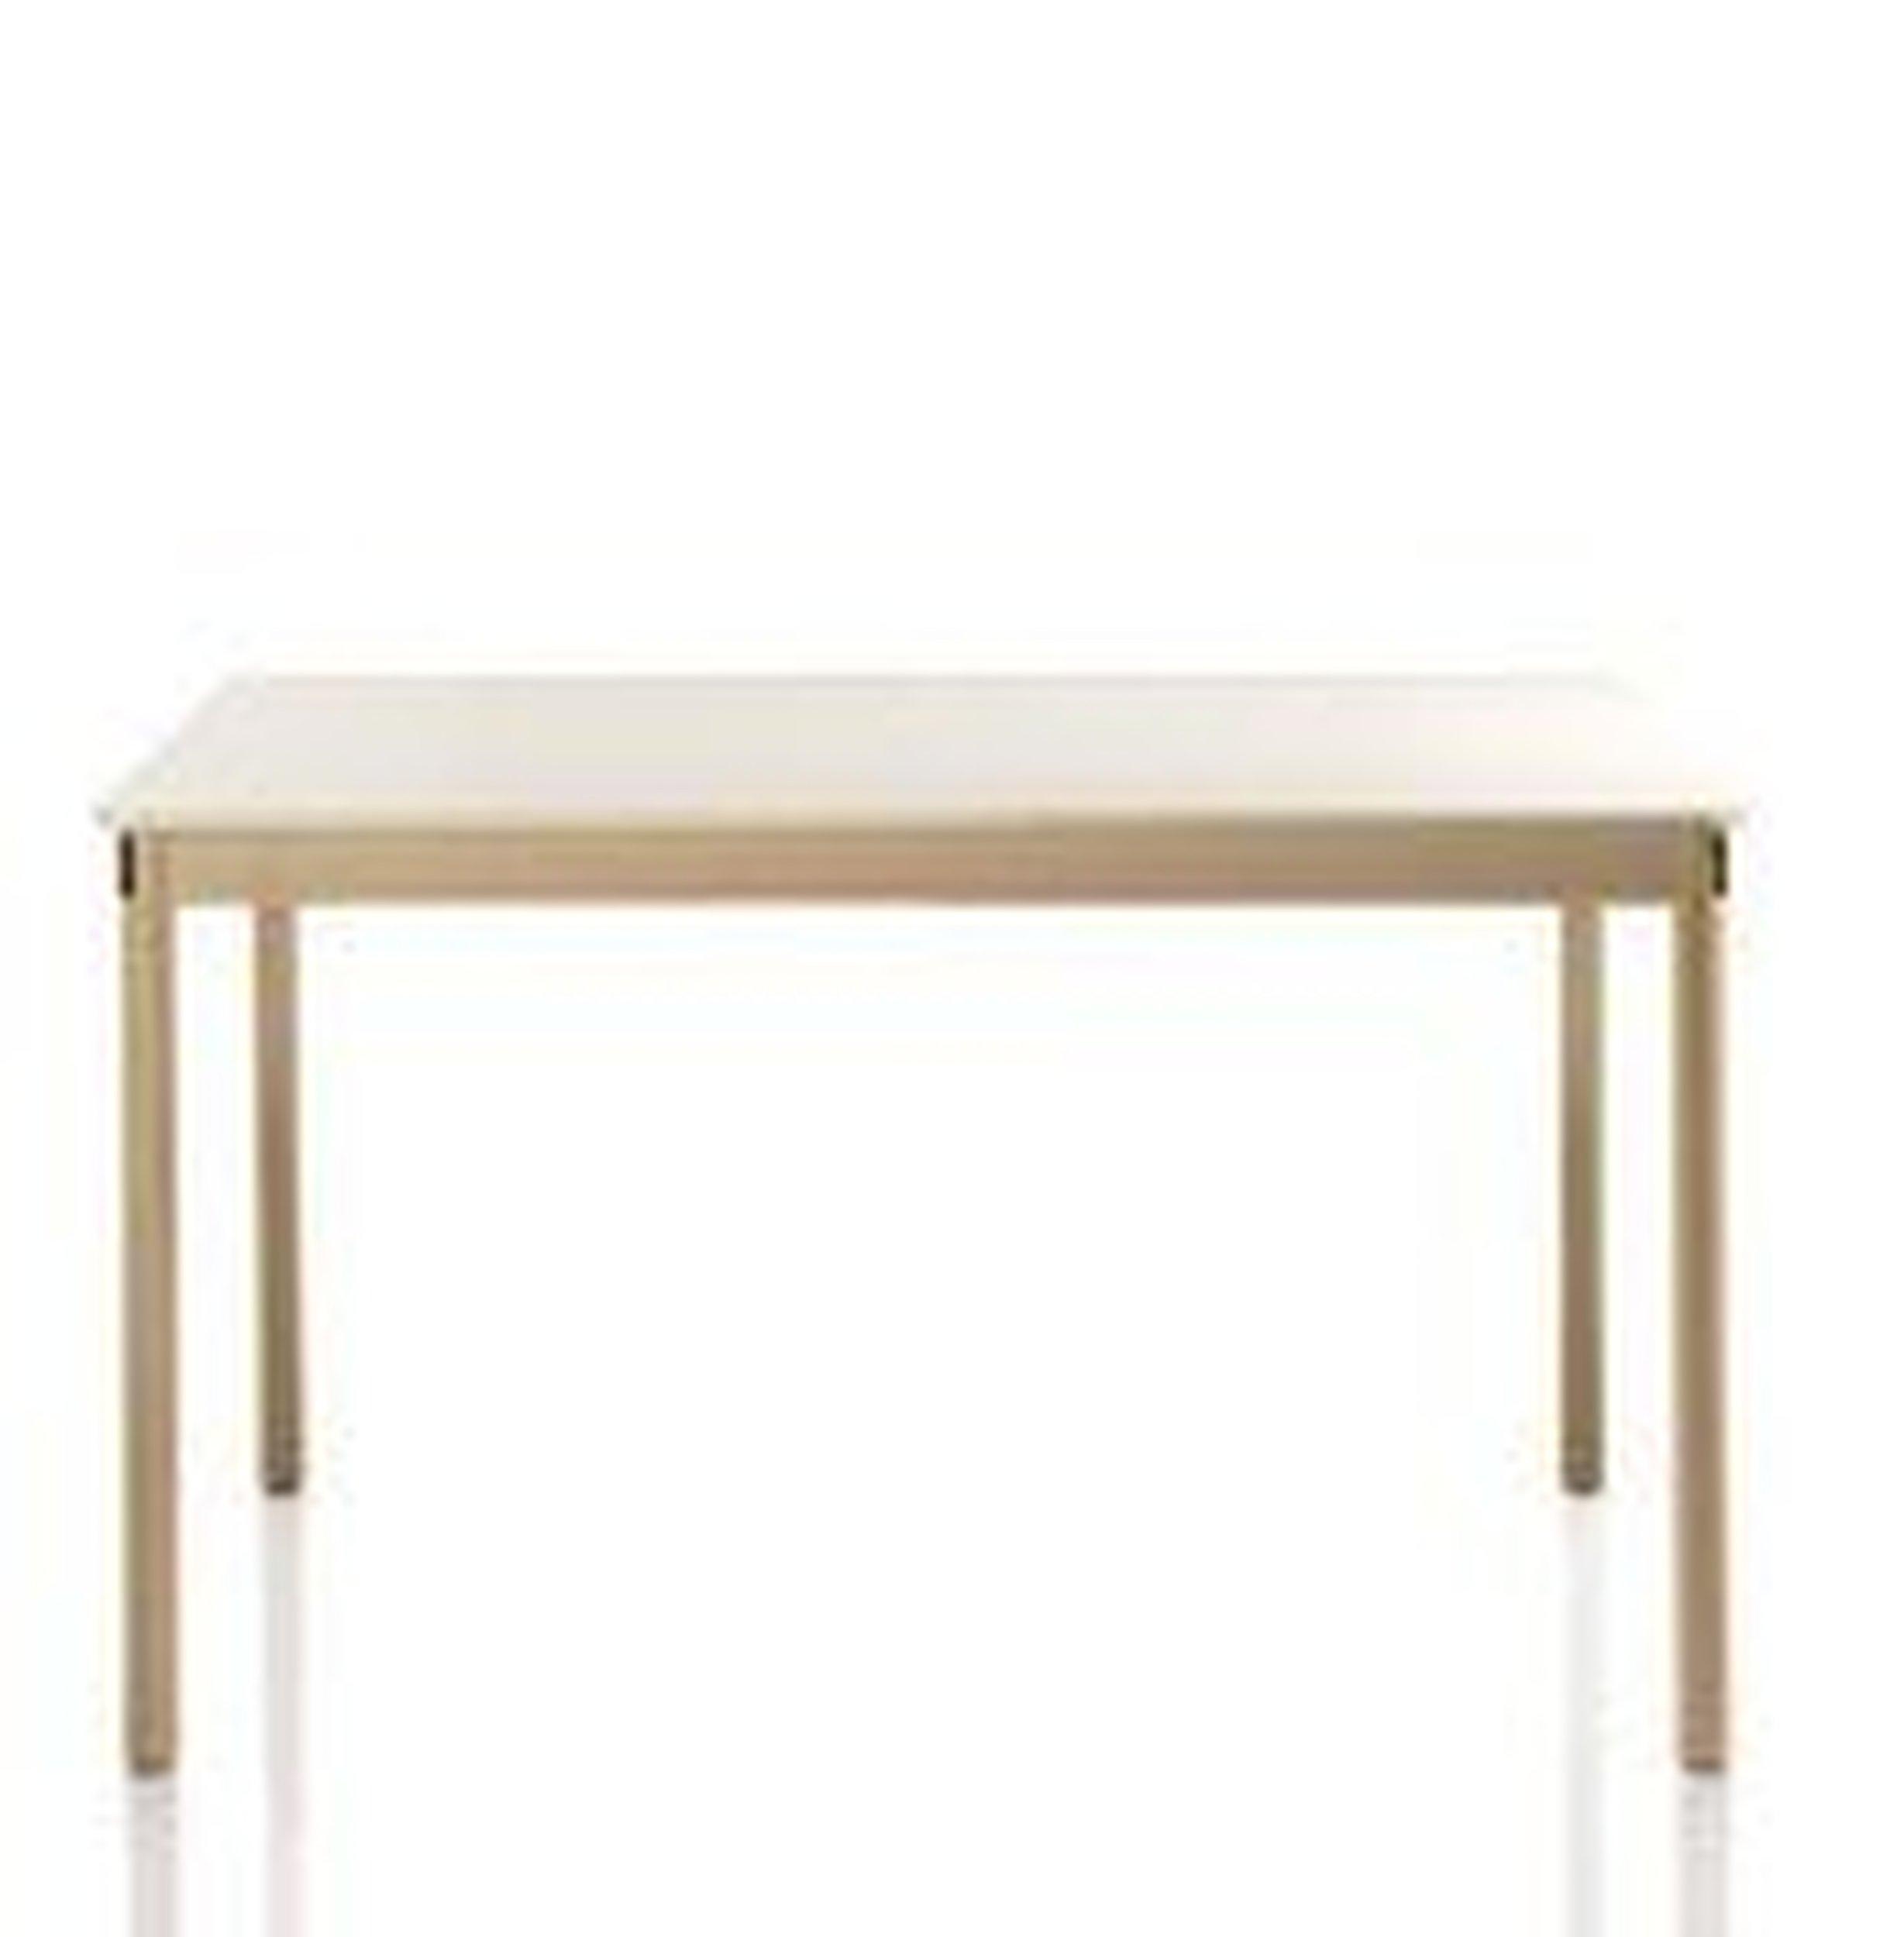 Stół Trattoria 79 x 79 cm - zdjęcie 1